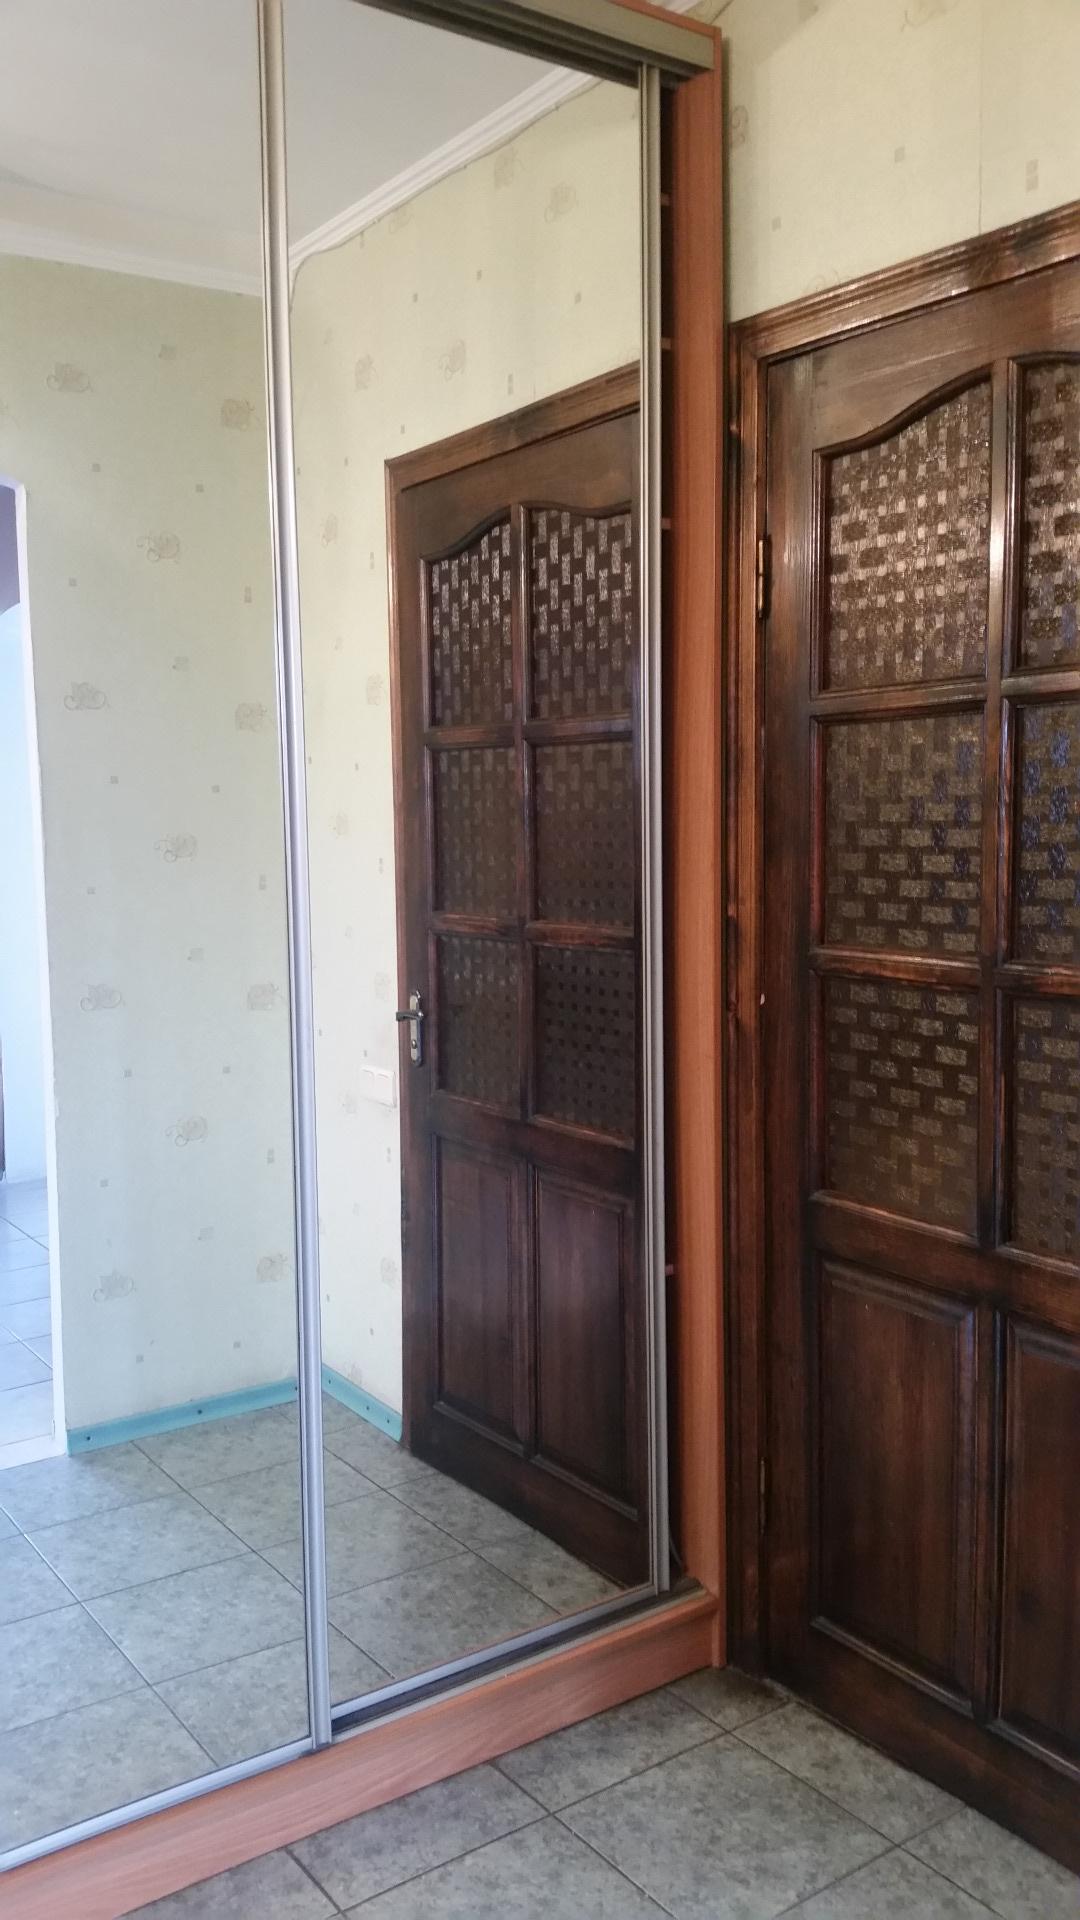 Продается 4-комнатная Квартира на ул. Королева Ак. — 65 000 у.е. (фото №8)